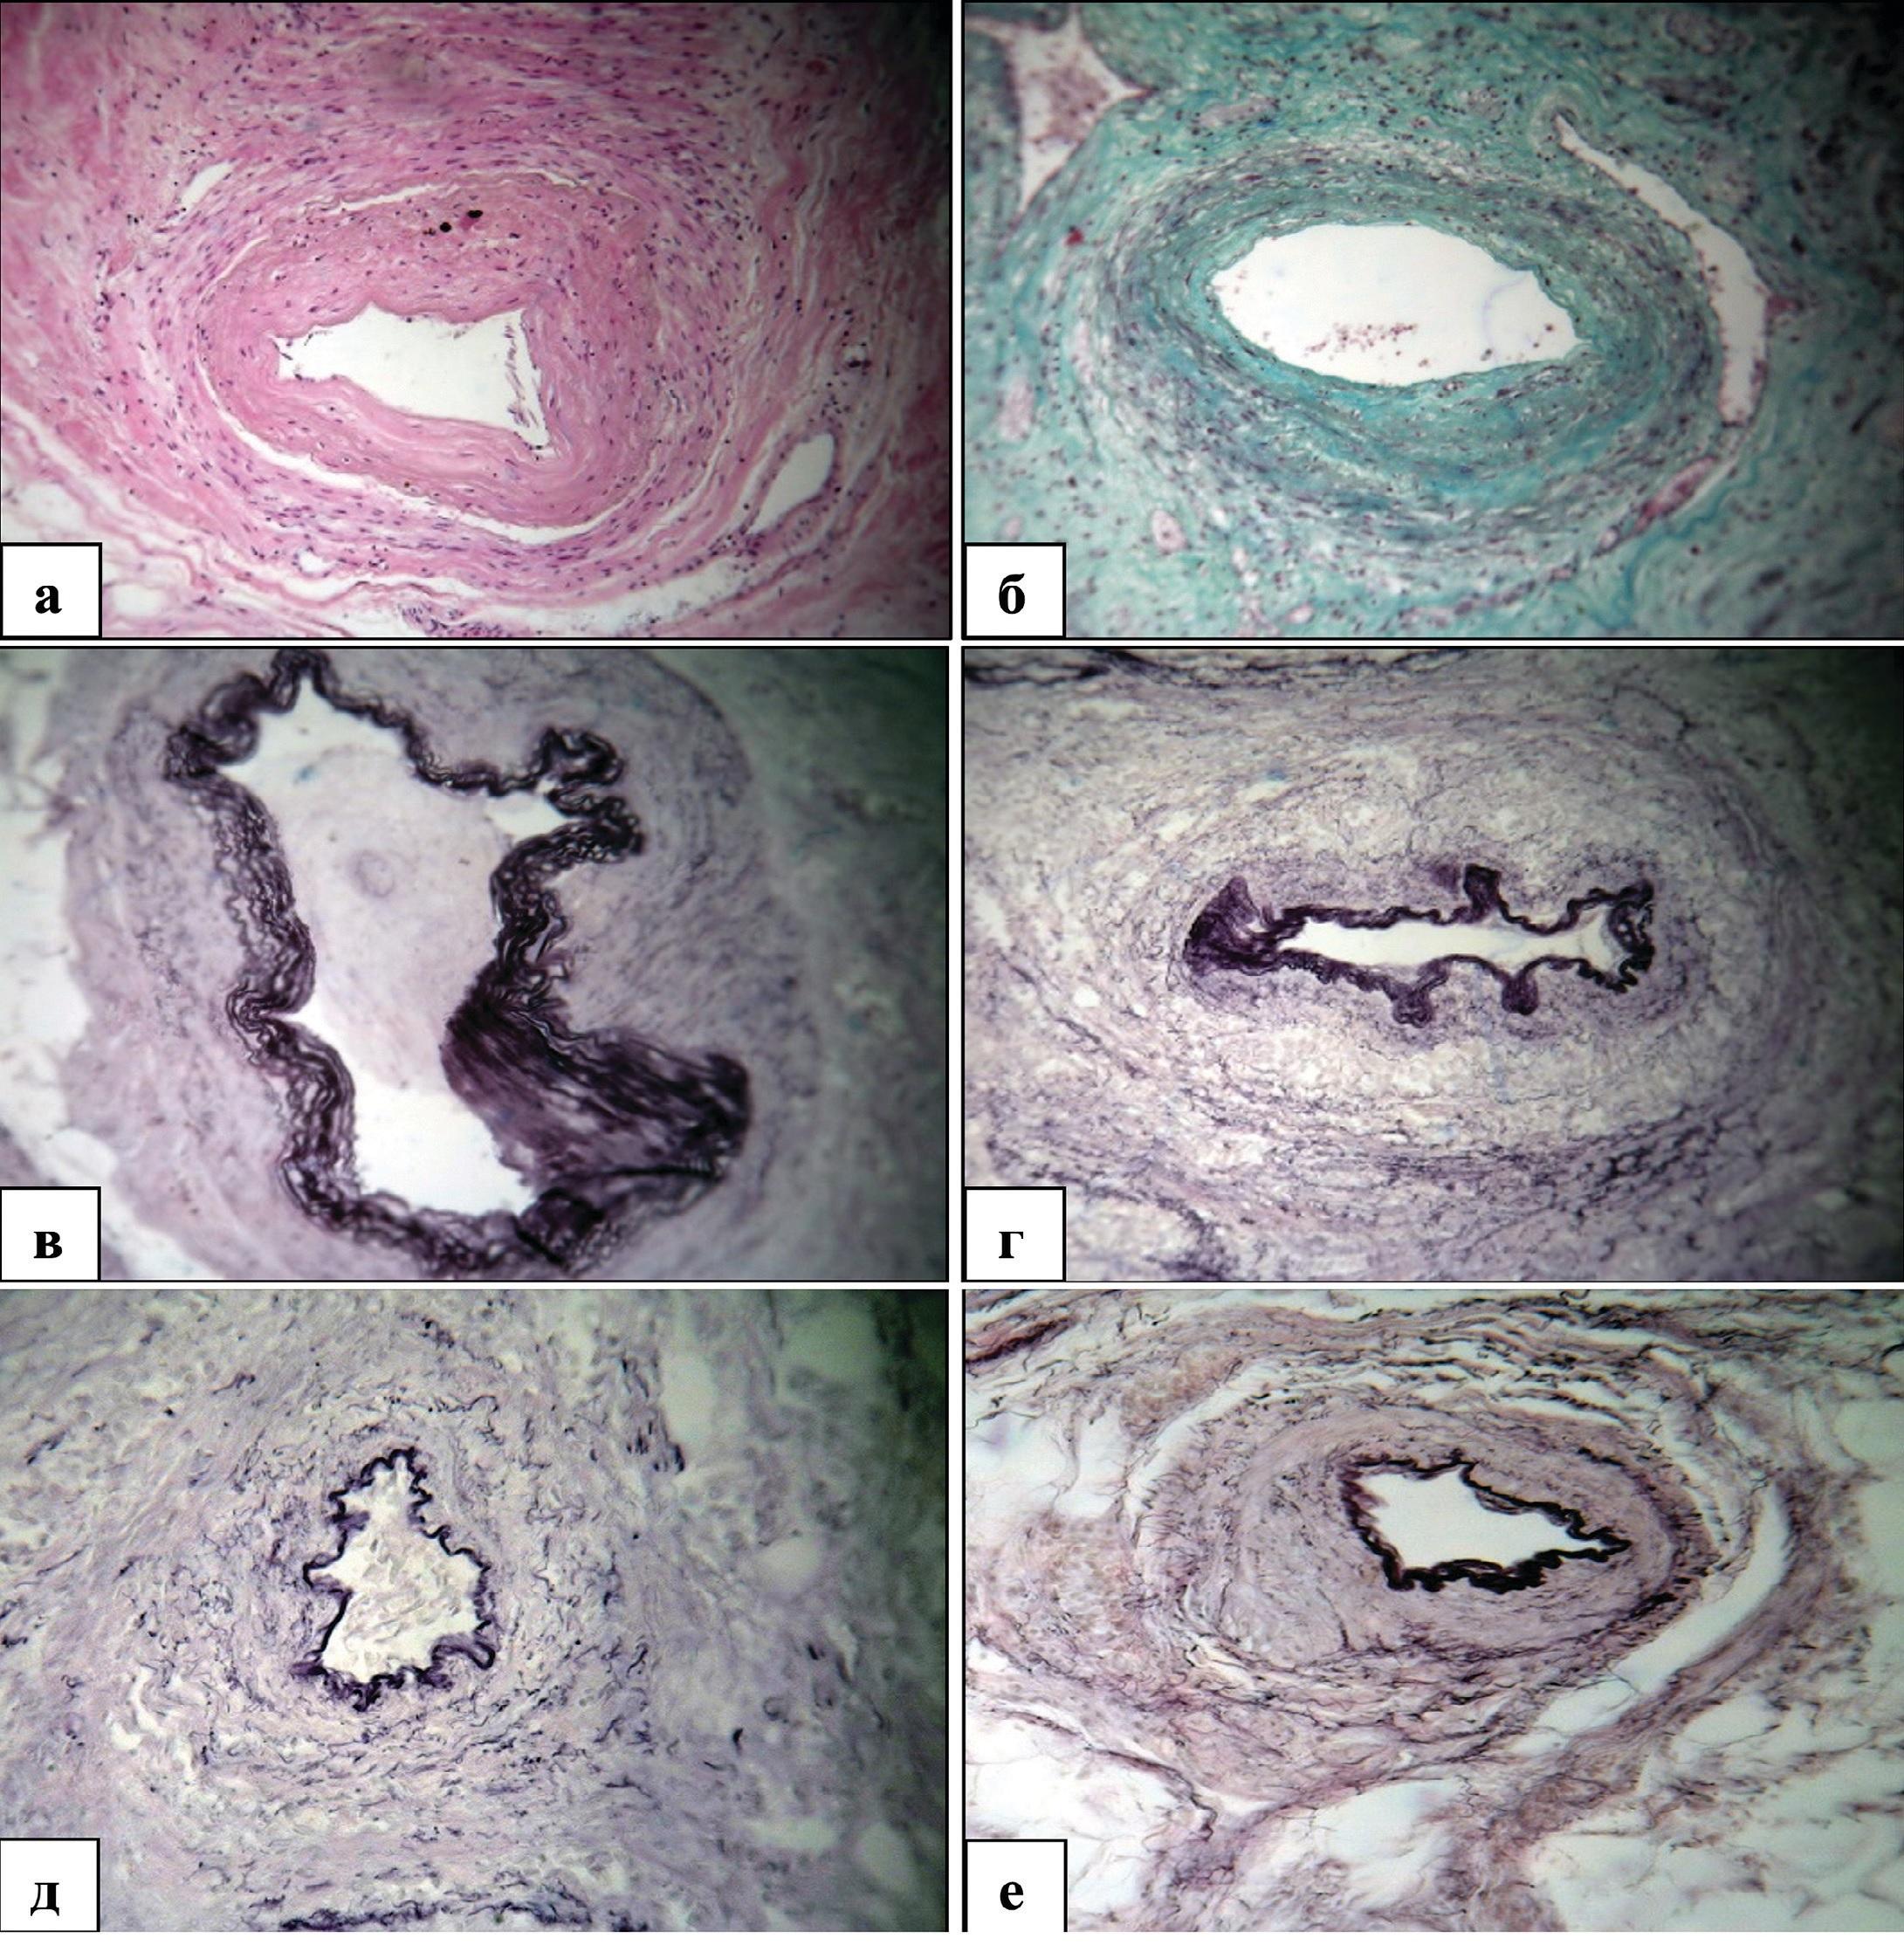 Структурные изменения внутриорганных артерий мочевого пузыря у мужчин пожилого и старческого возраста при декомпенсированной ГПЖ